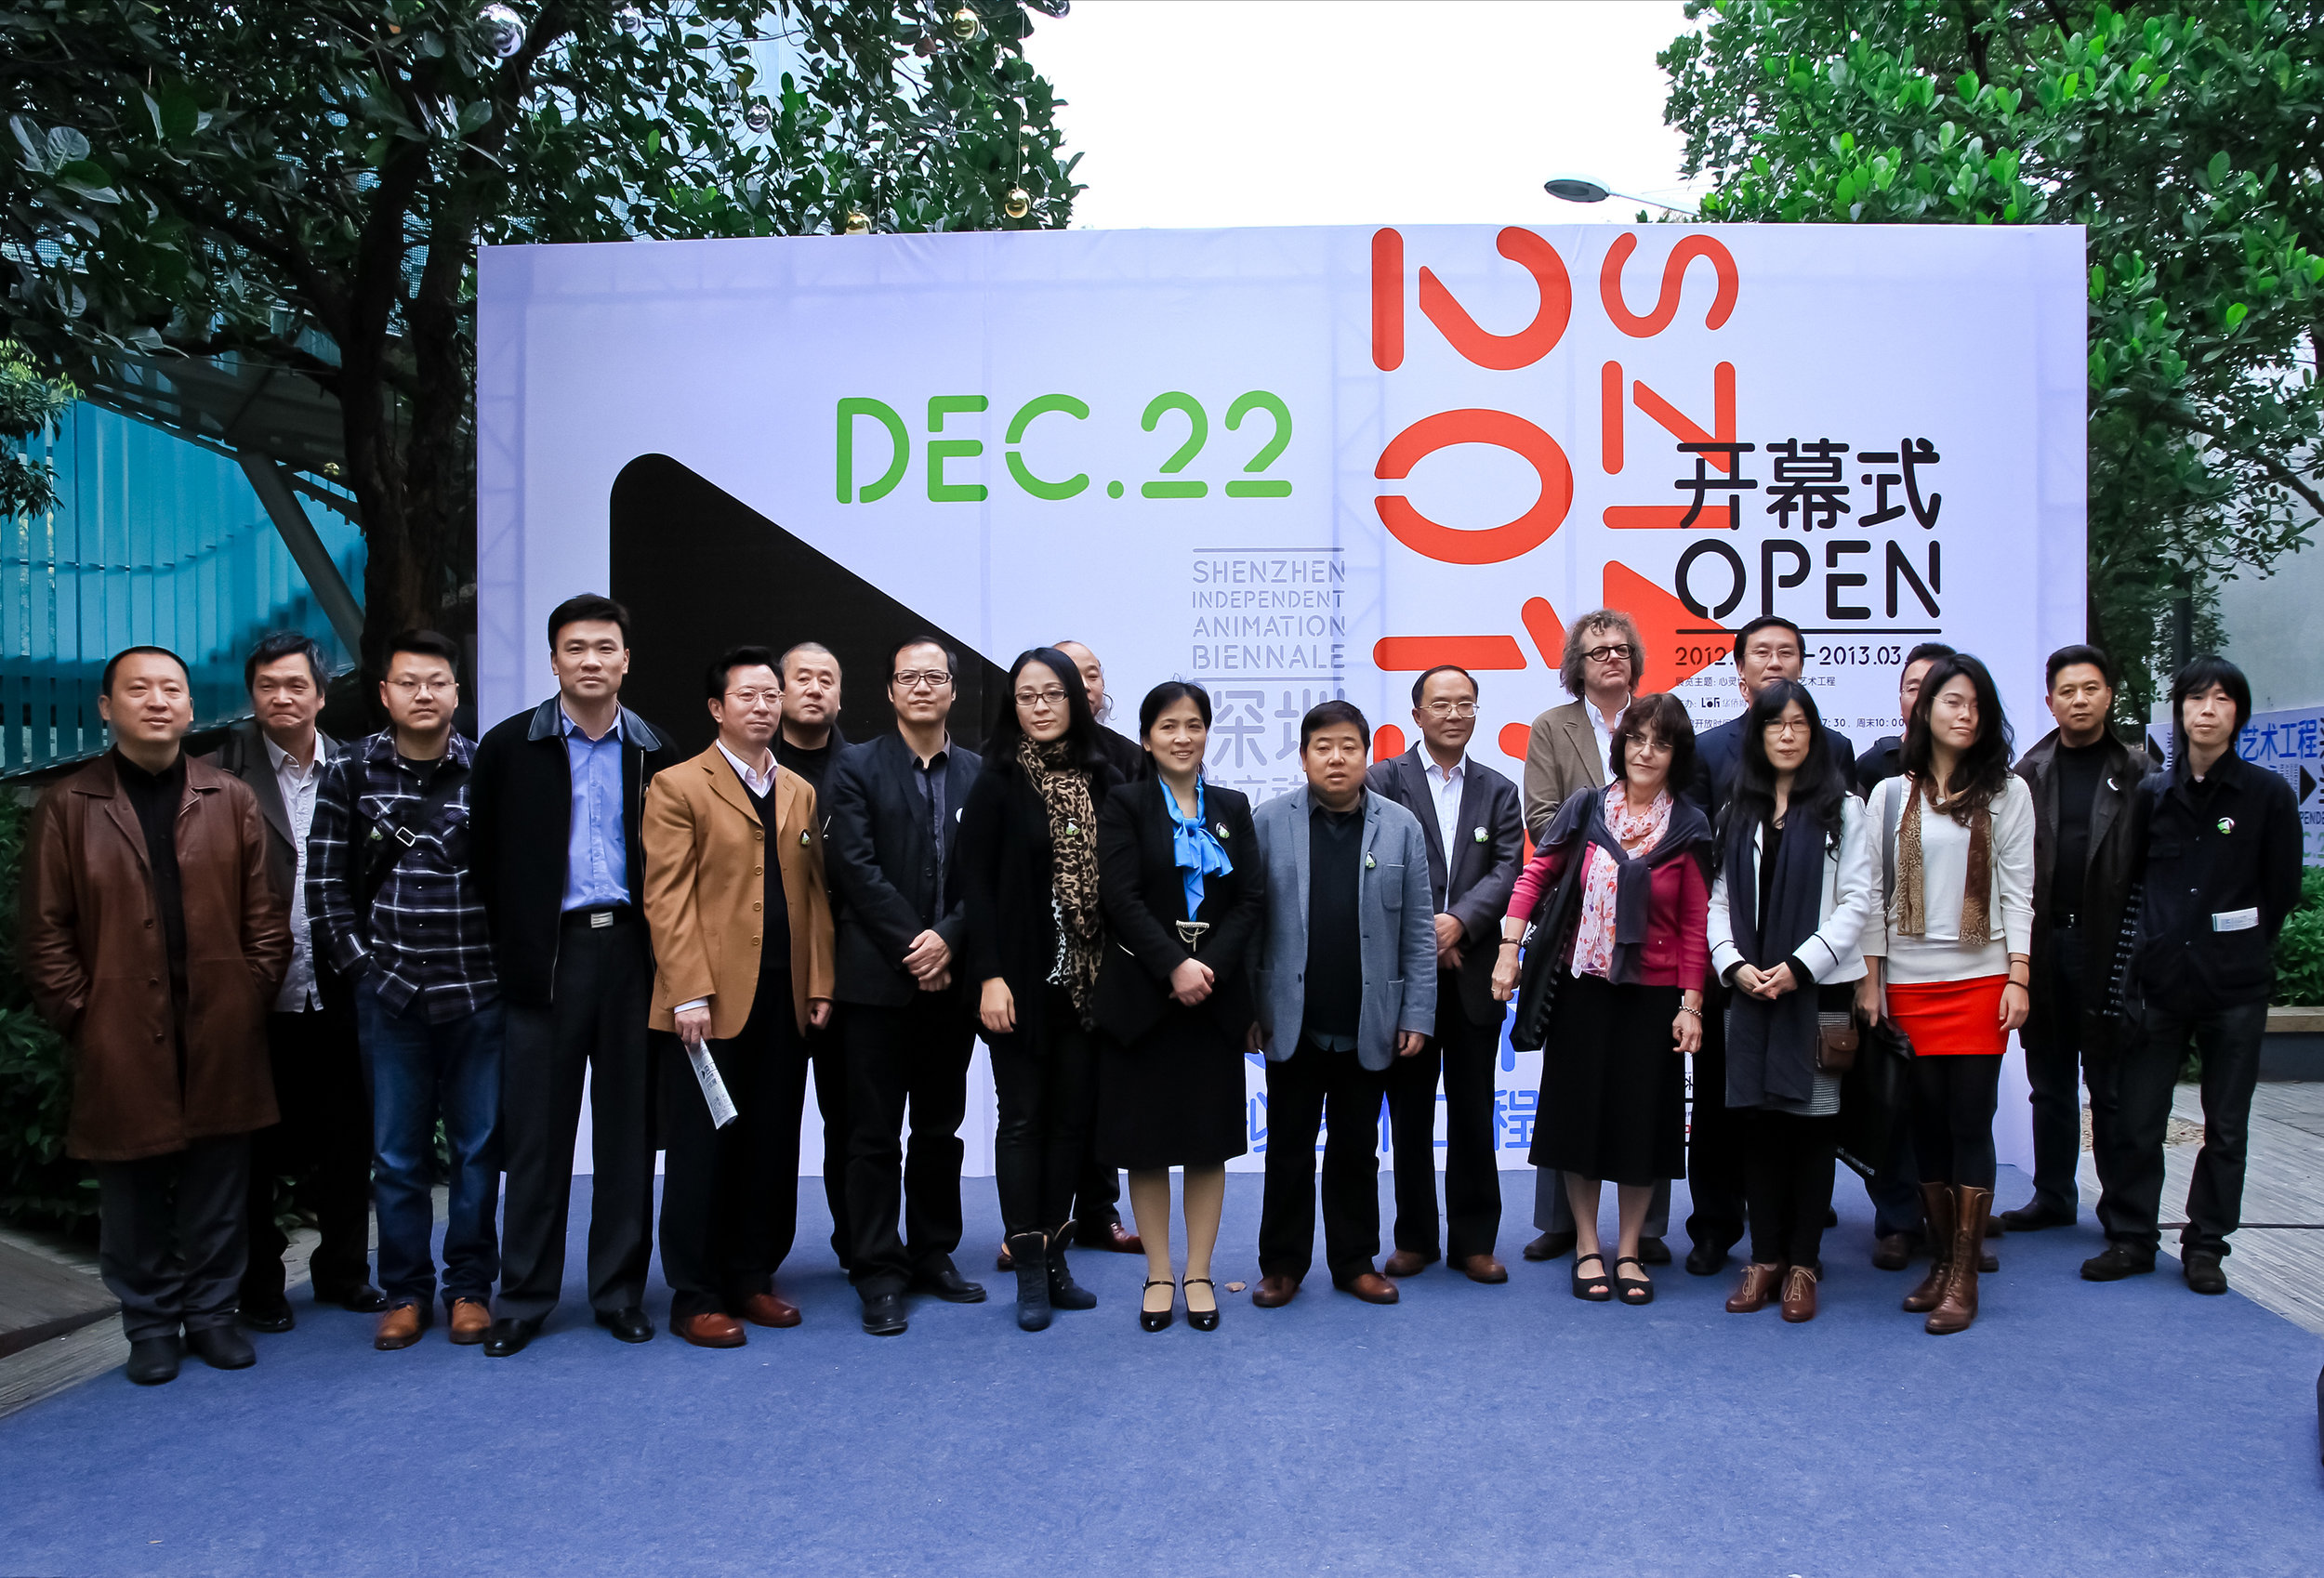 20121222首届深圳独立动画双年展15 欧阳勇 摄影.jpg